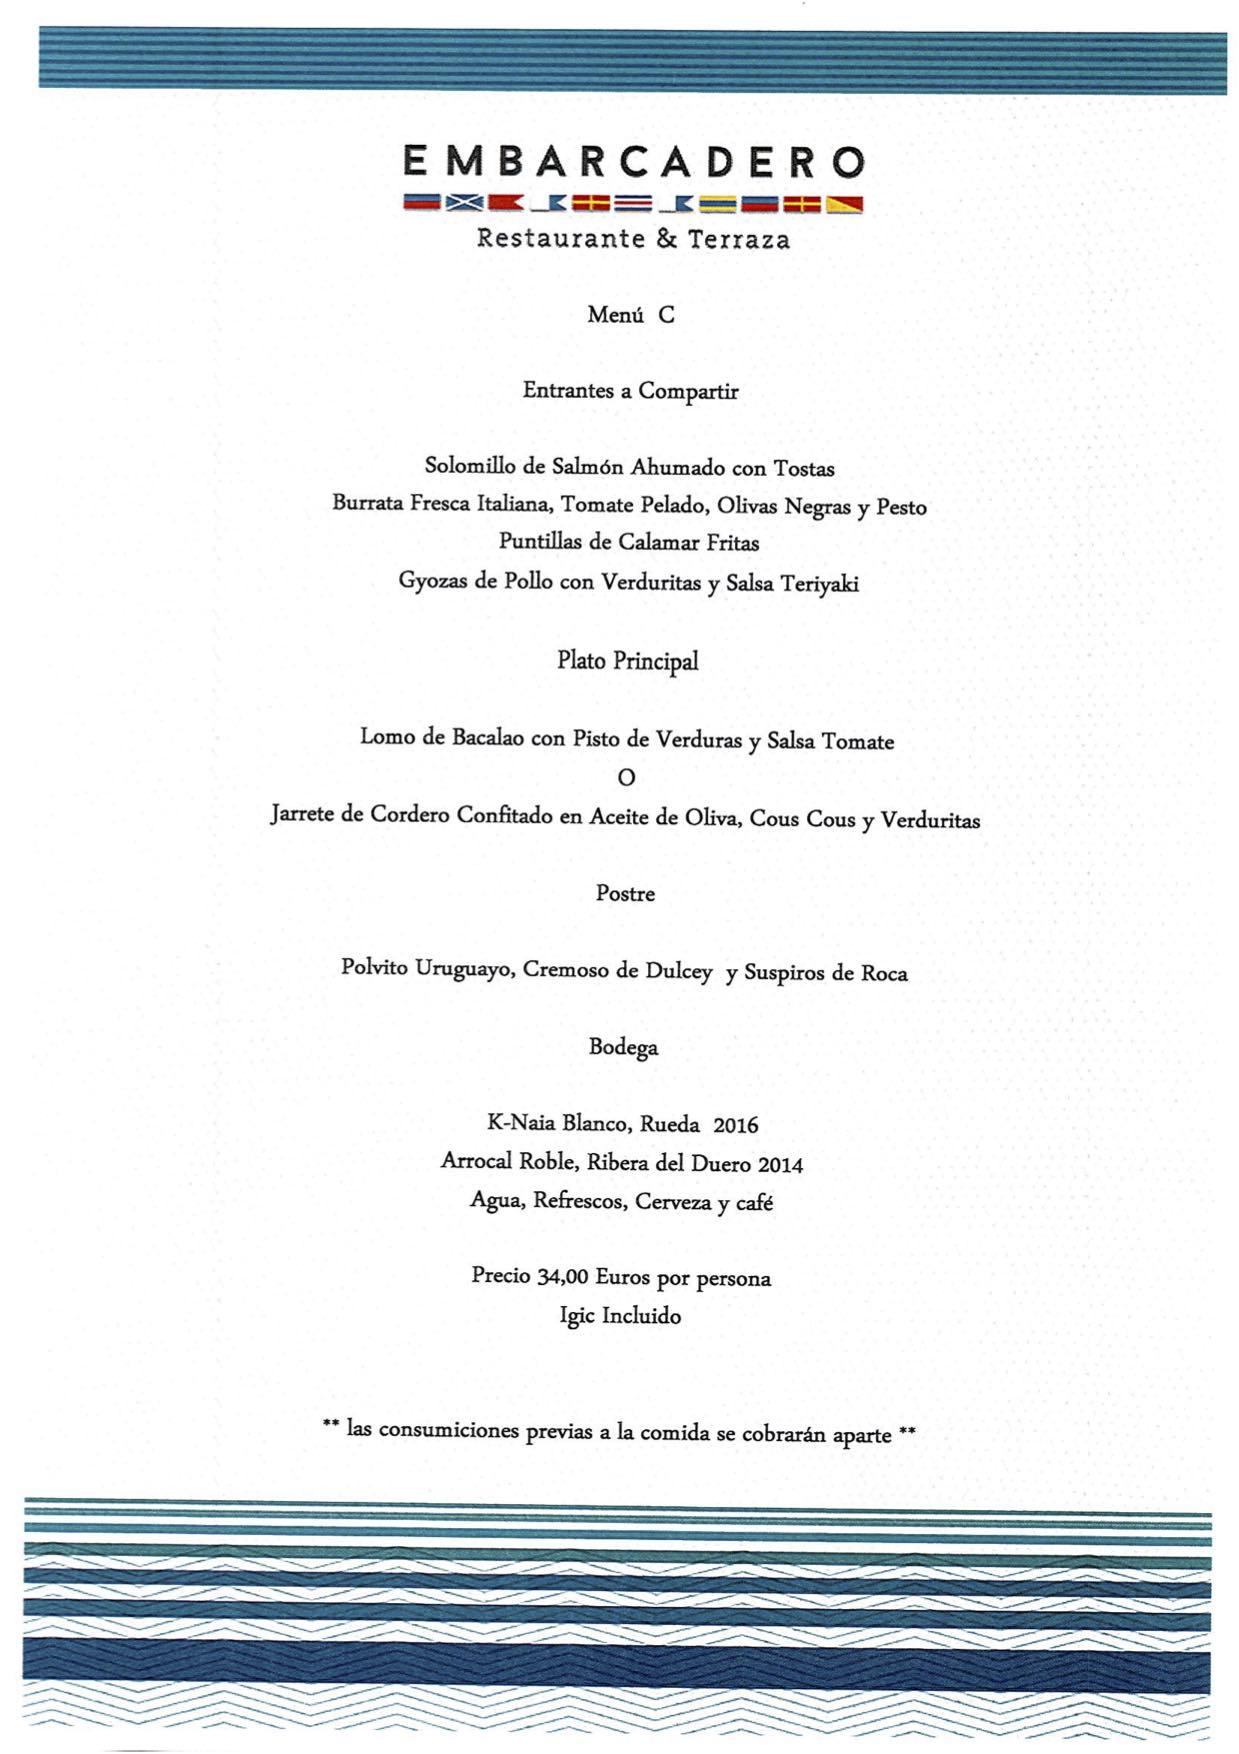 embarcadero-eventos-menu-c